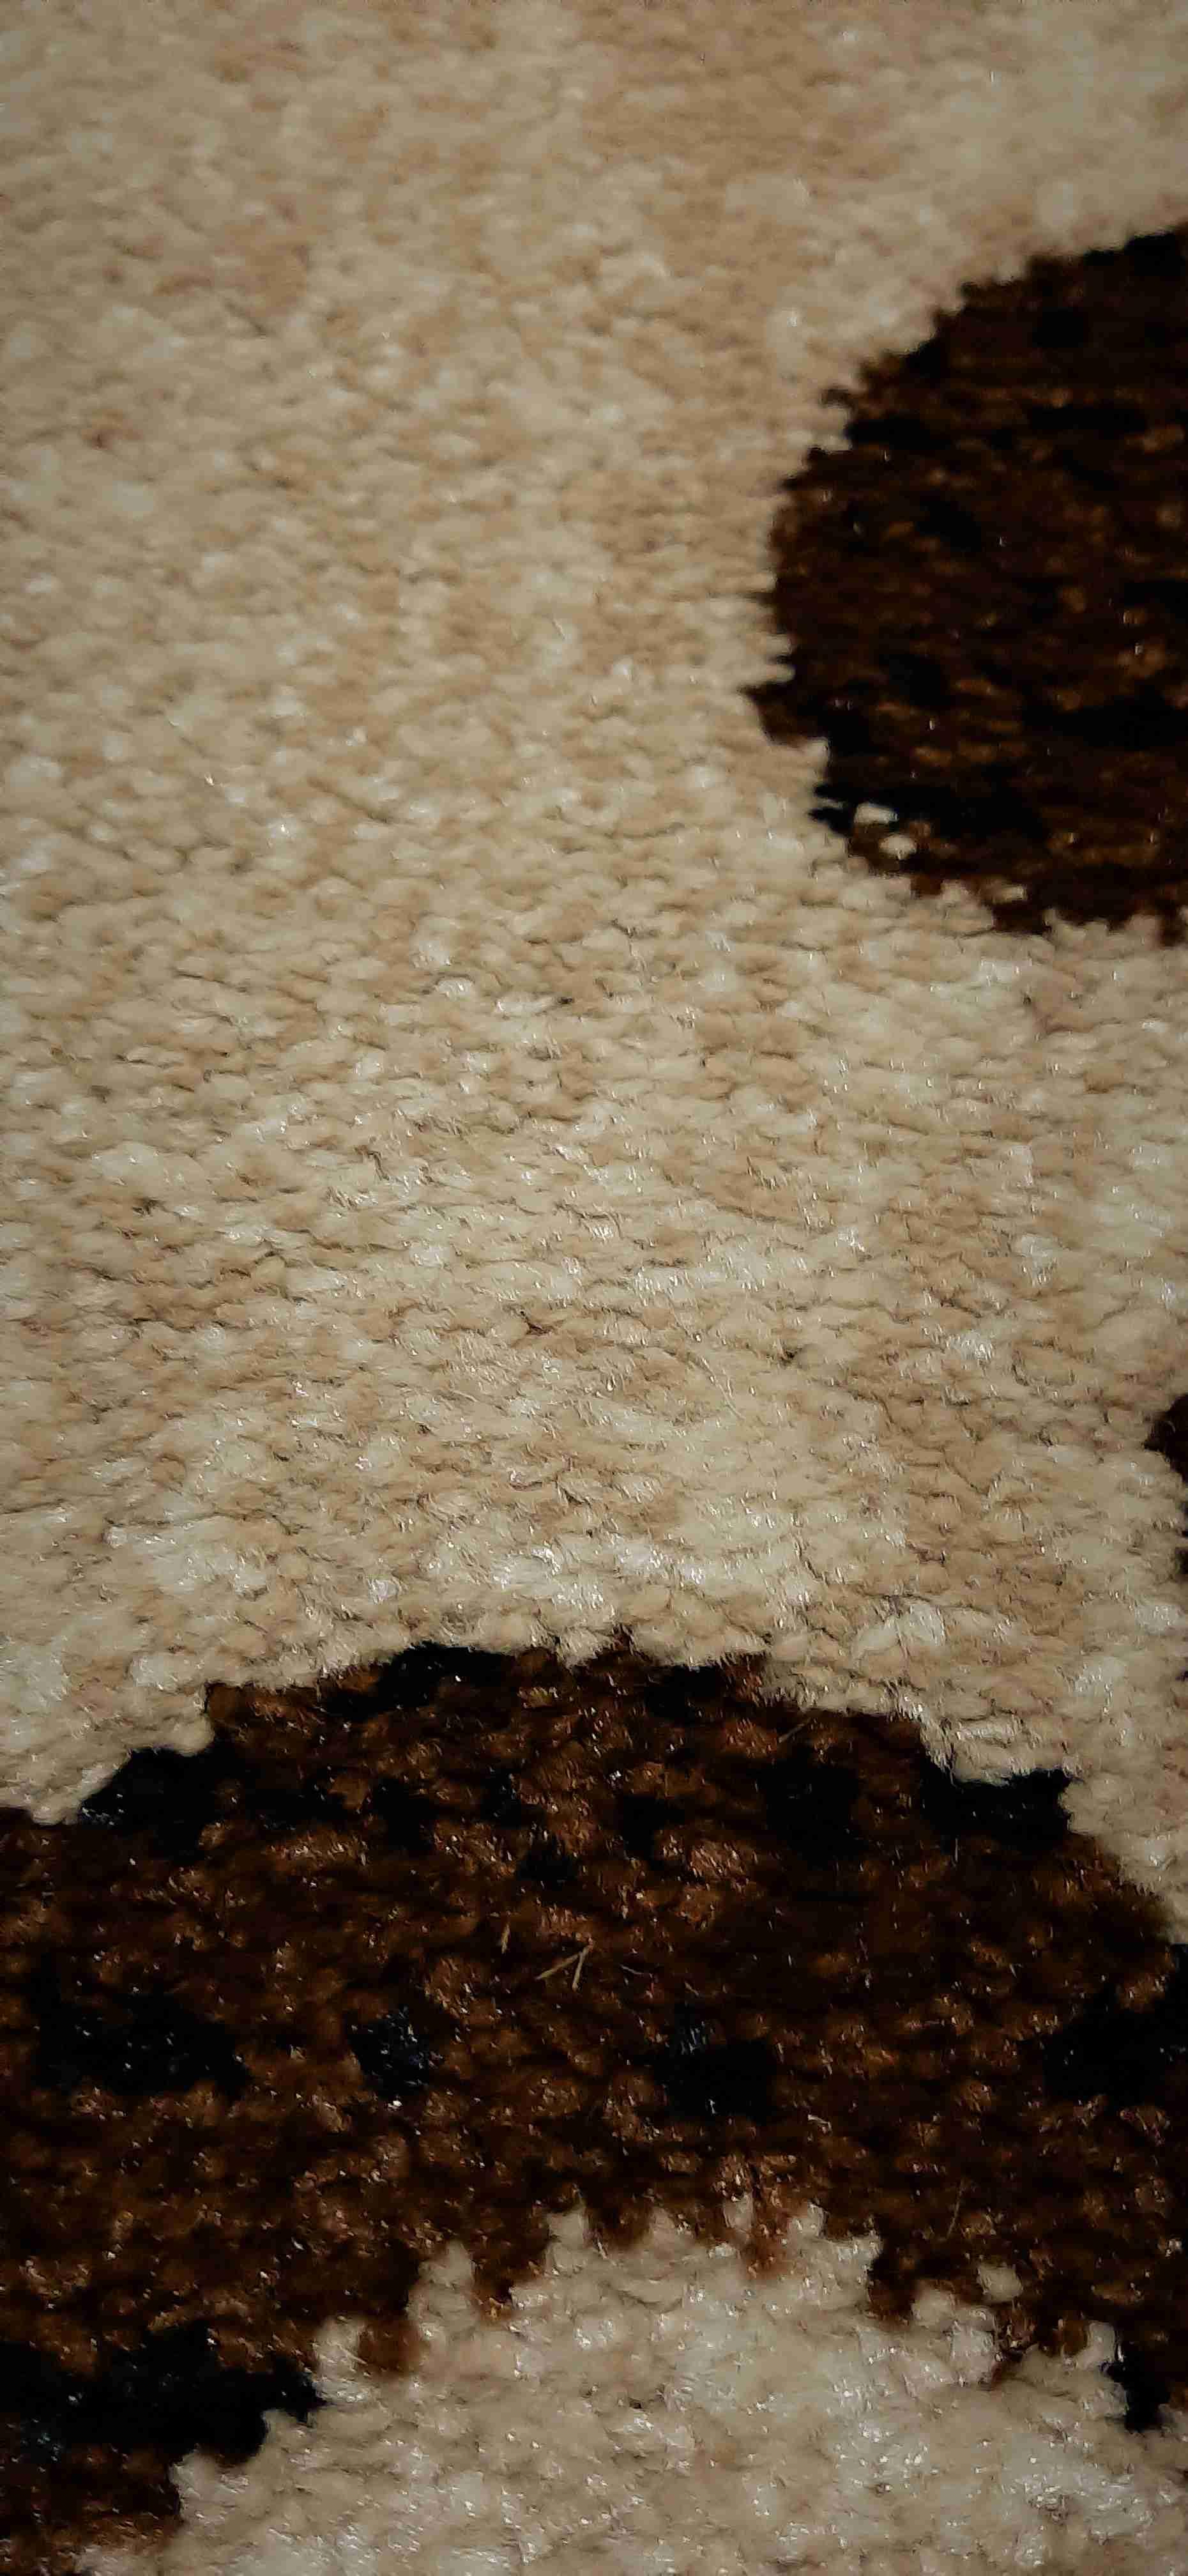 Traversa Covor, Cappuccino 16028-118, Bej / Maro, 60x500 cm, 1800 gr/mp 4